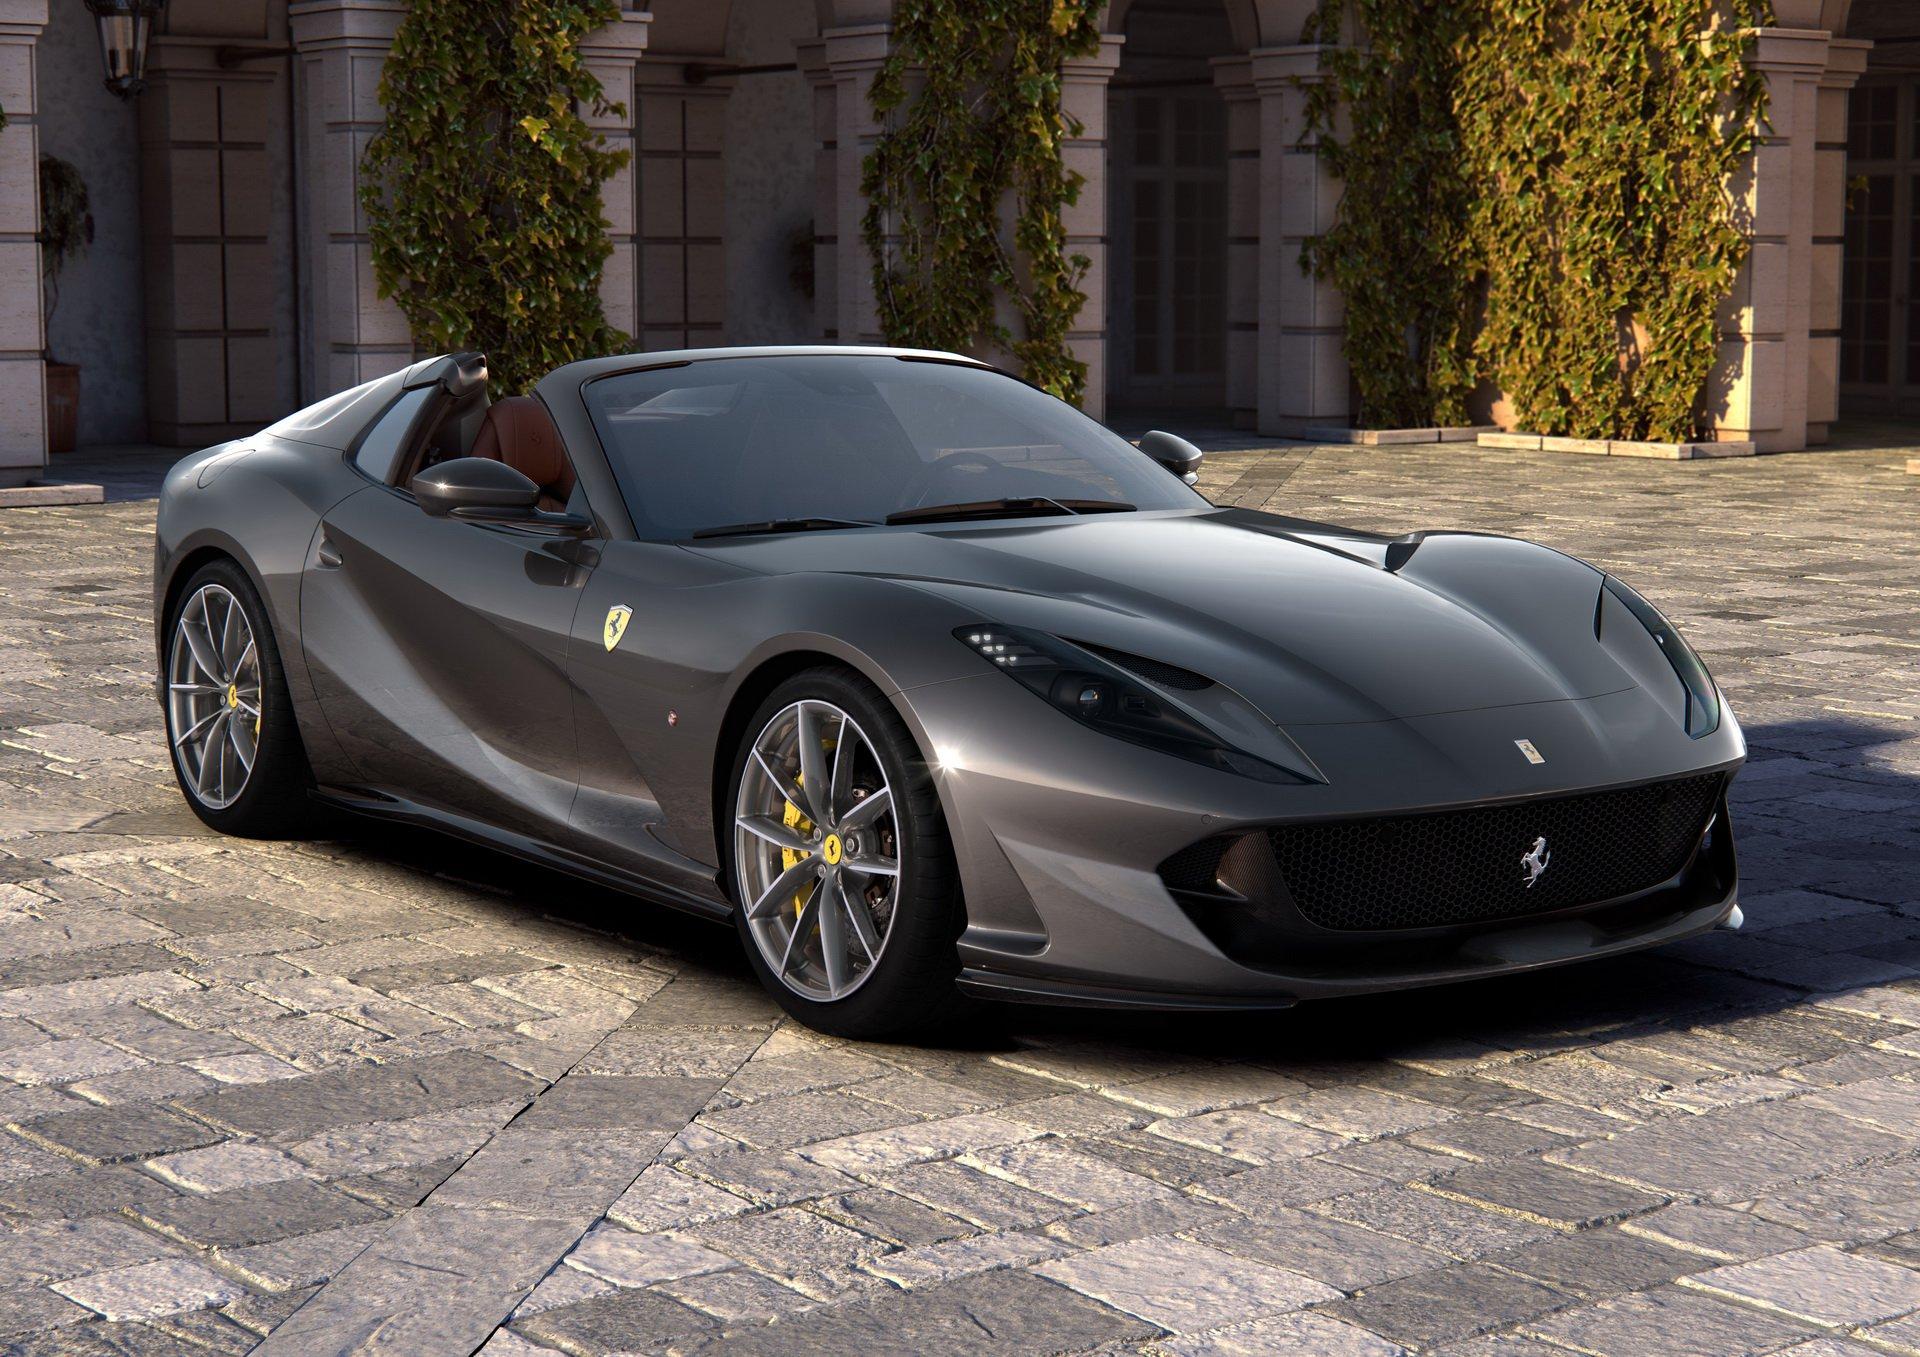 Photo of En güçlü cabrio otomobil tanıtıldı: Ferrari 812 GTS!